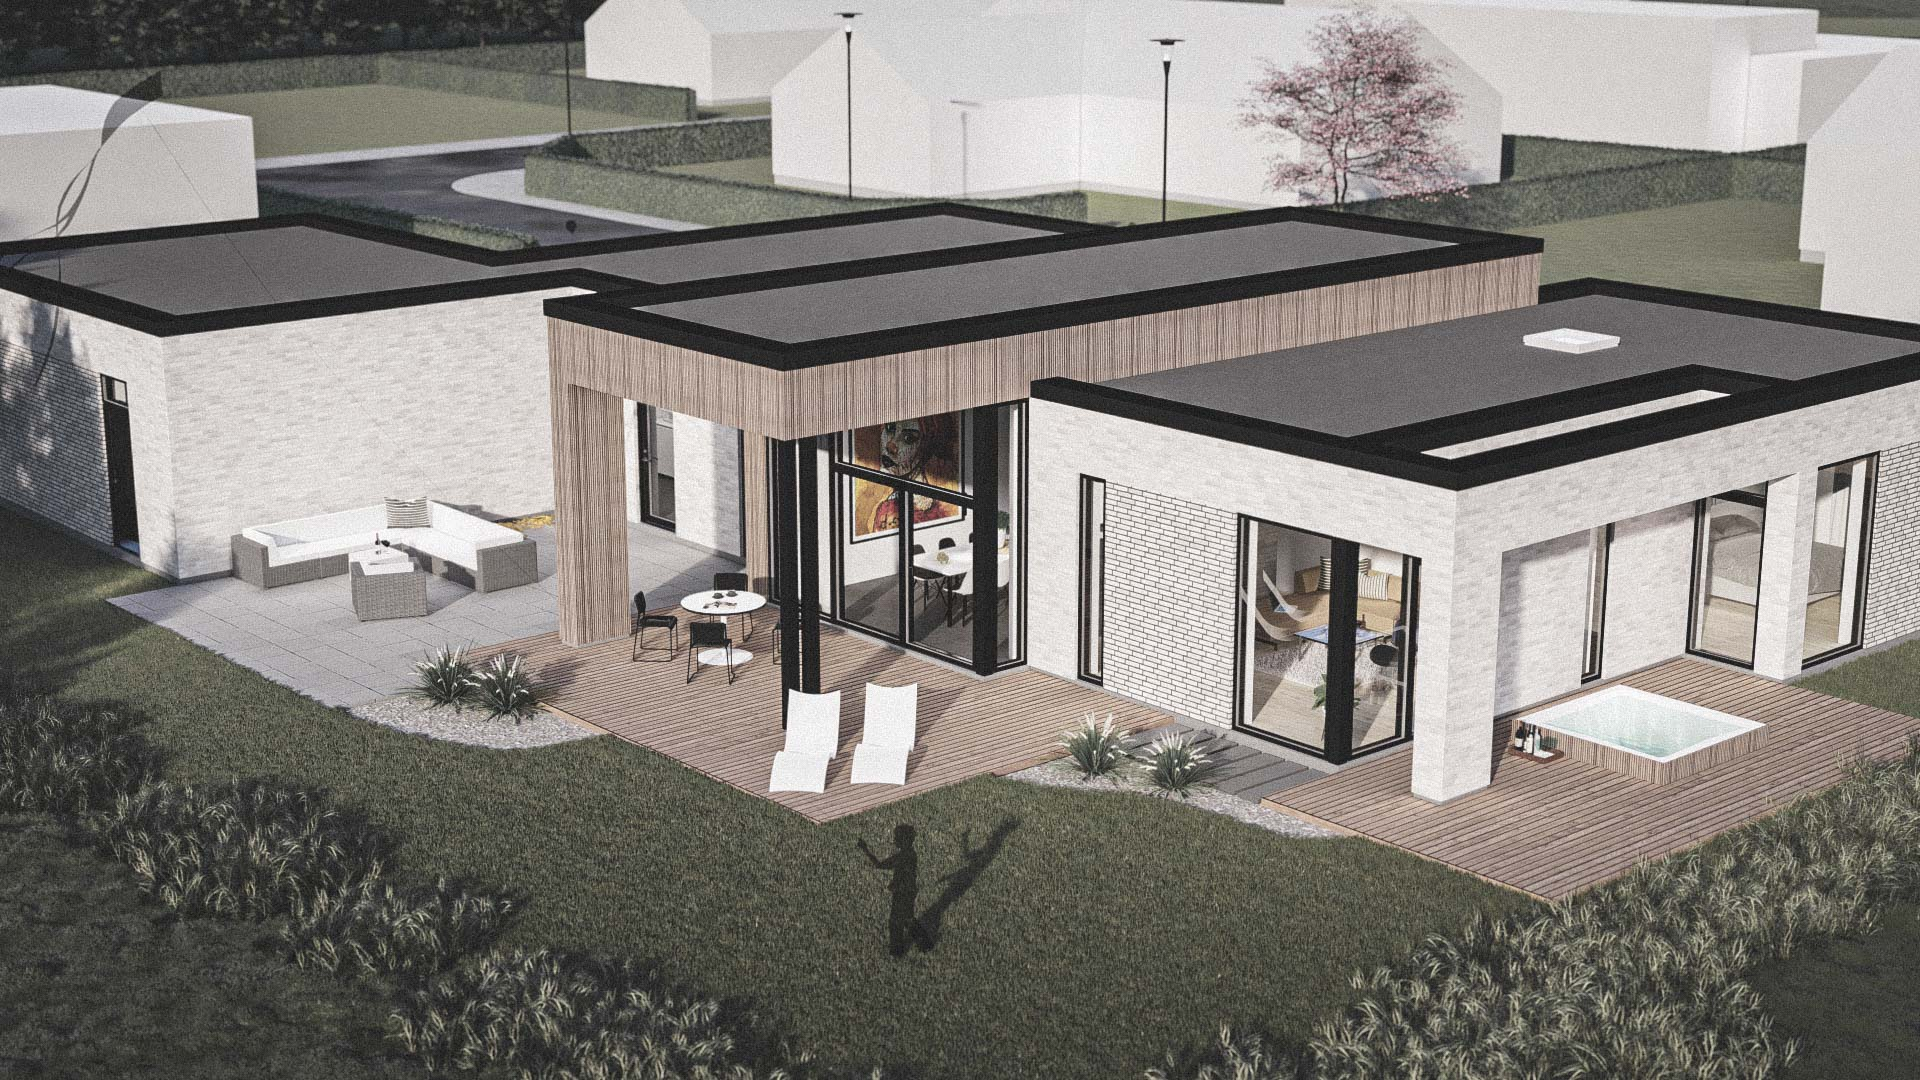 Billede af et arkitekt tegnet projektforslag af ny 1plans drømme villa i Løkken, af det danske arkitektfirma m2plus